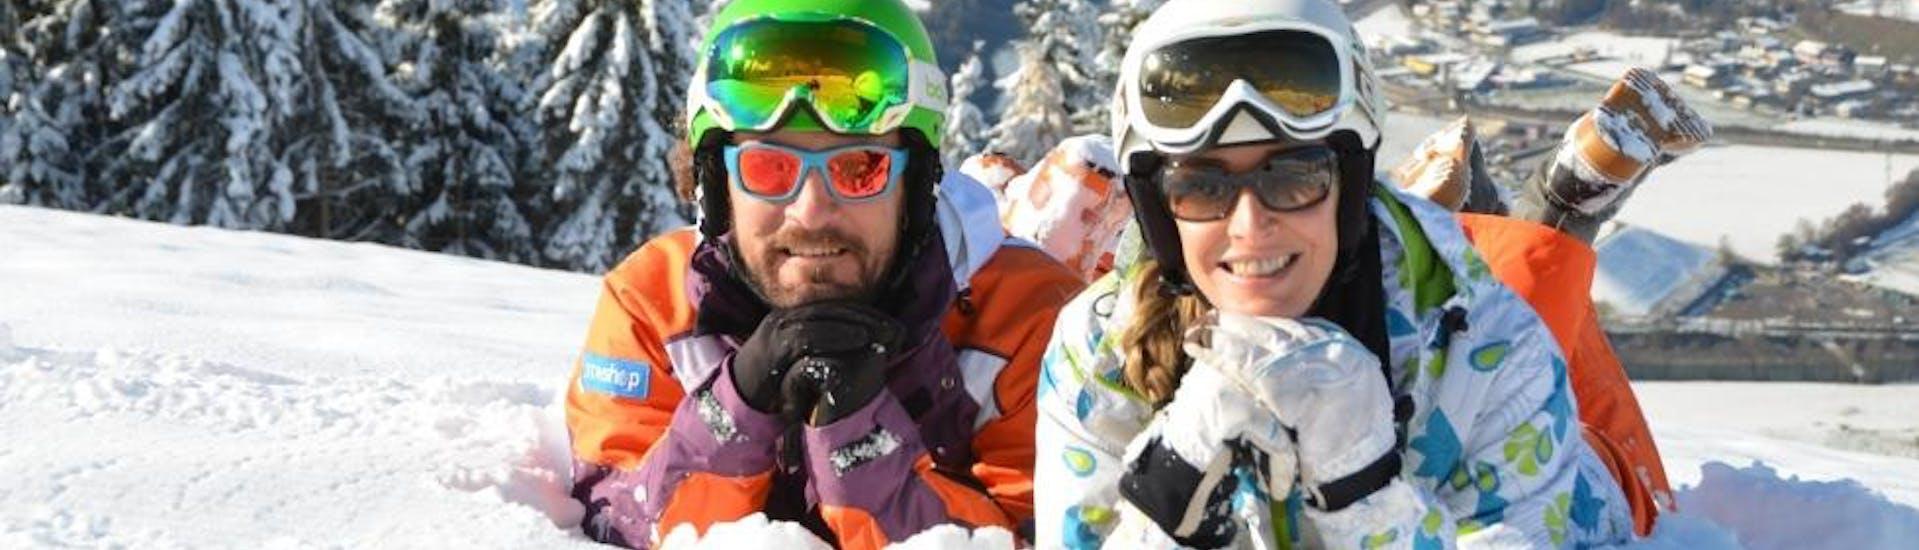 Cours de ski Adultes pour Tous niveaux avec Skischule Toni Gruber Alpendorf - Hero image